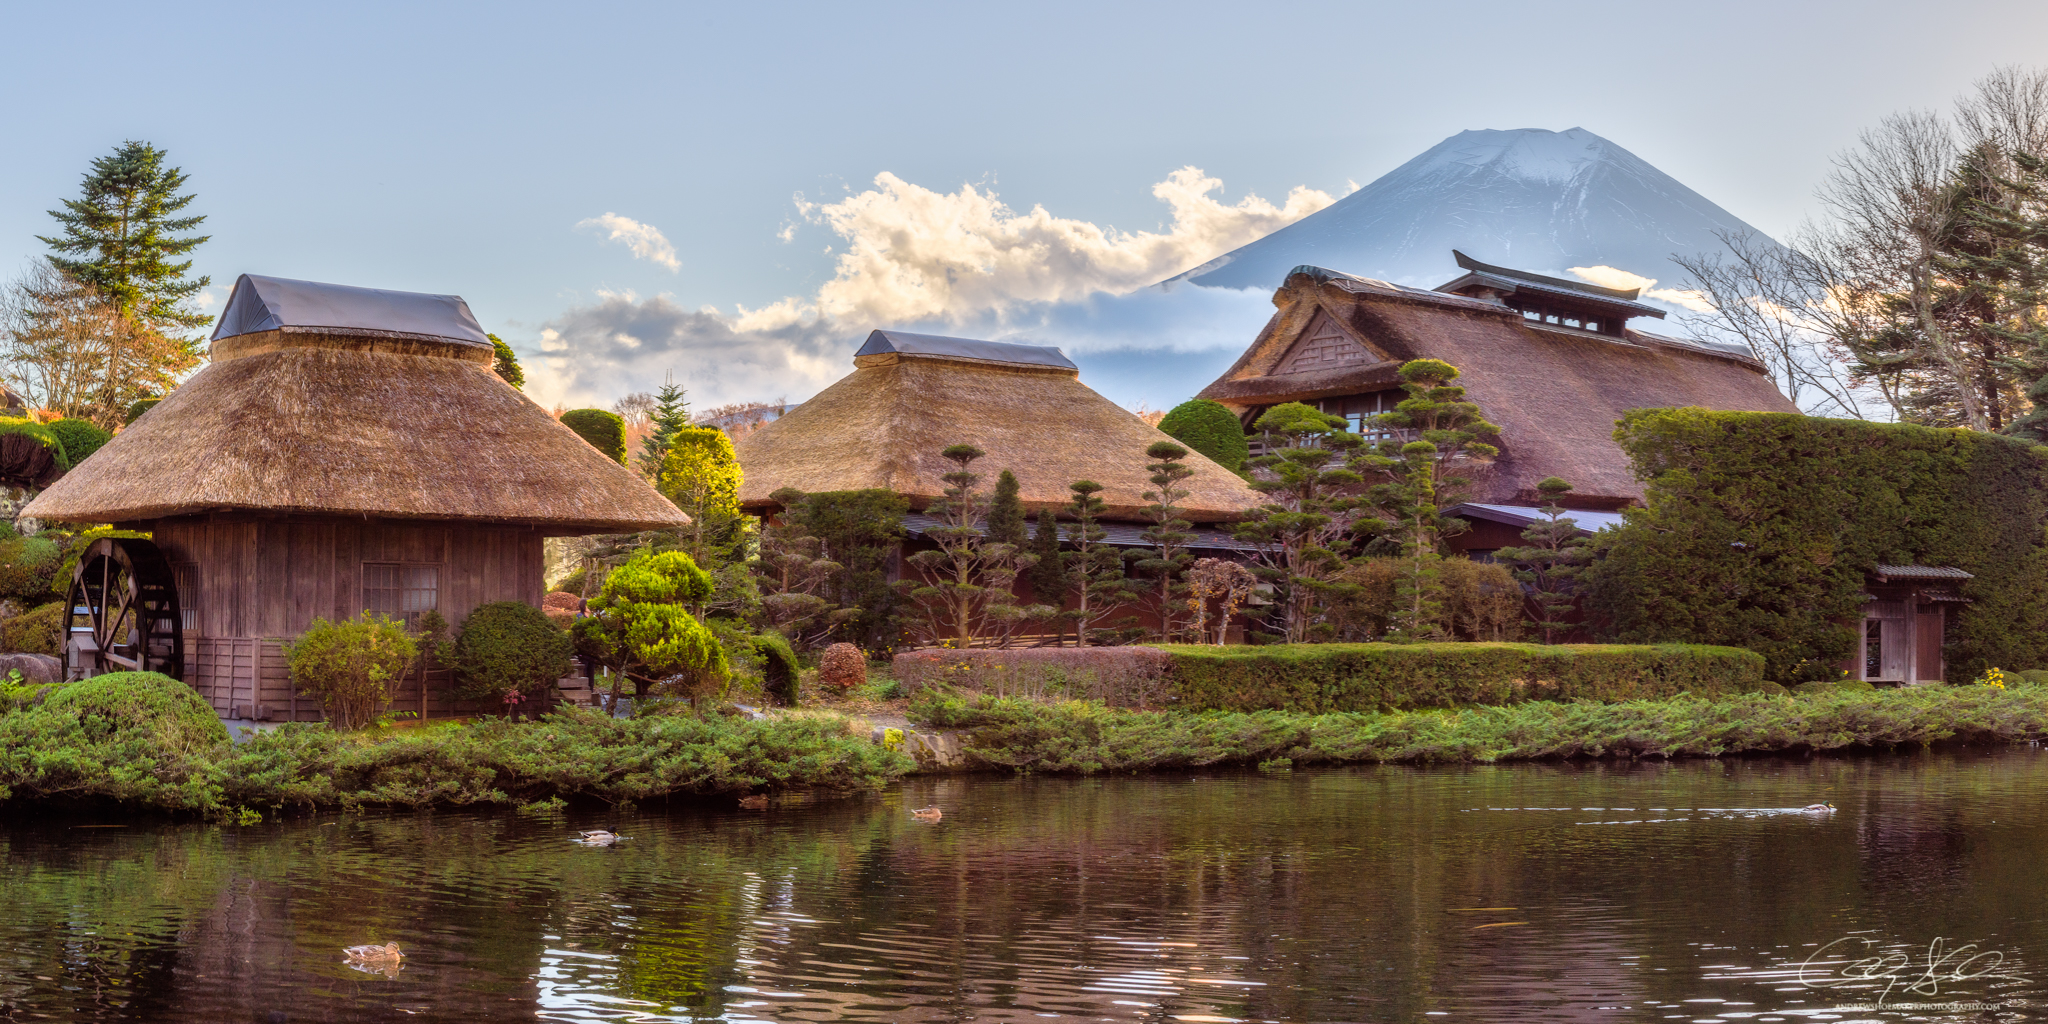 Fuji Serene